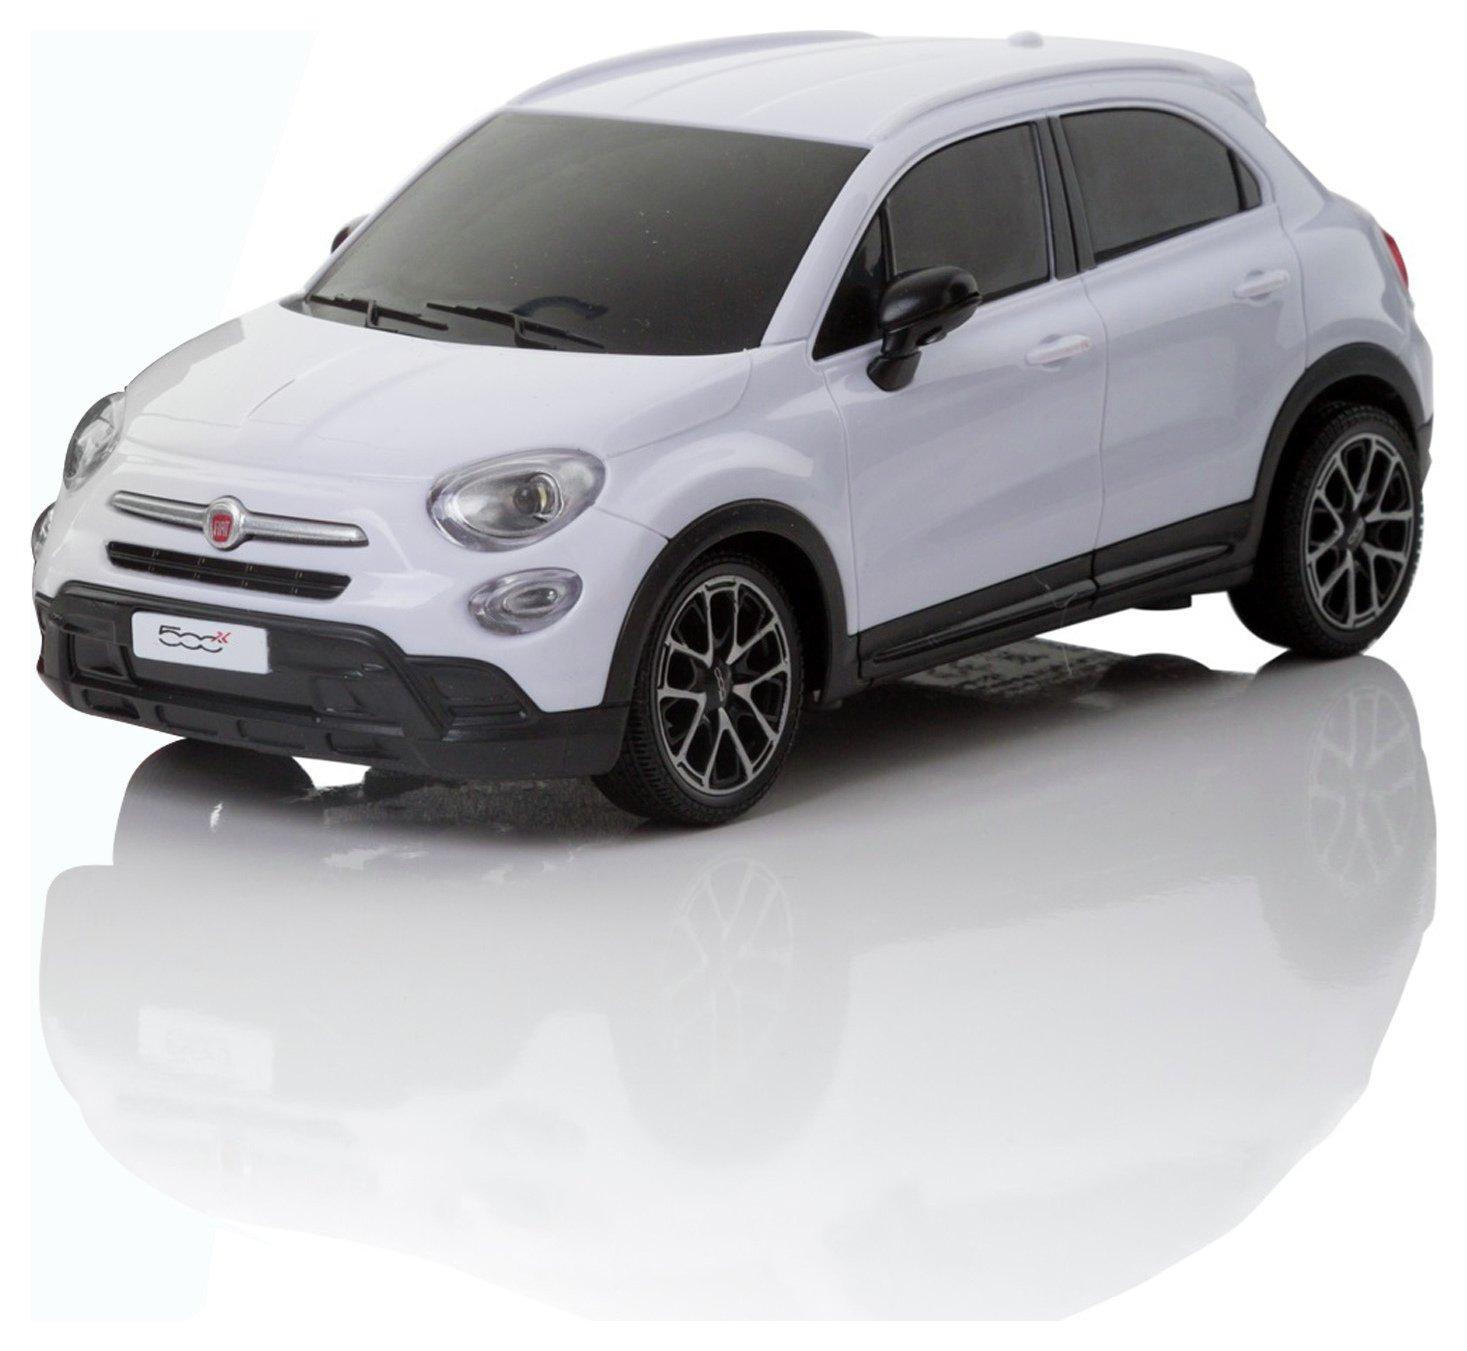 Fiat 500X 1:24 Remote Control Car   White.